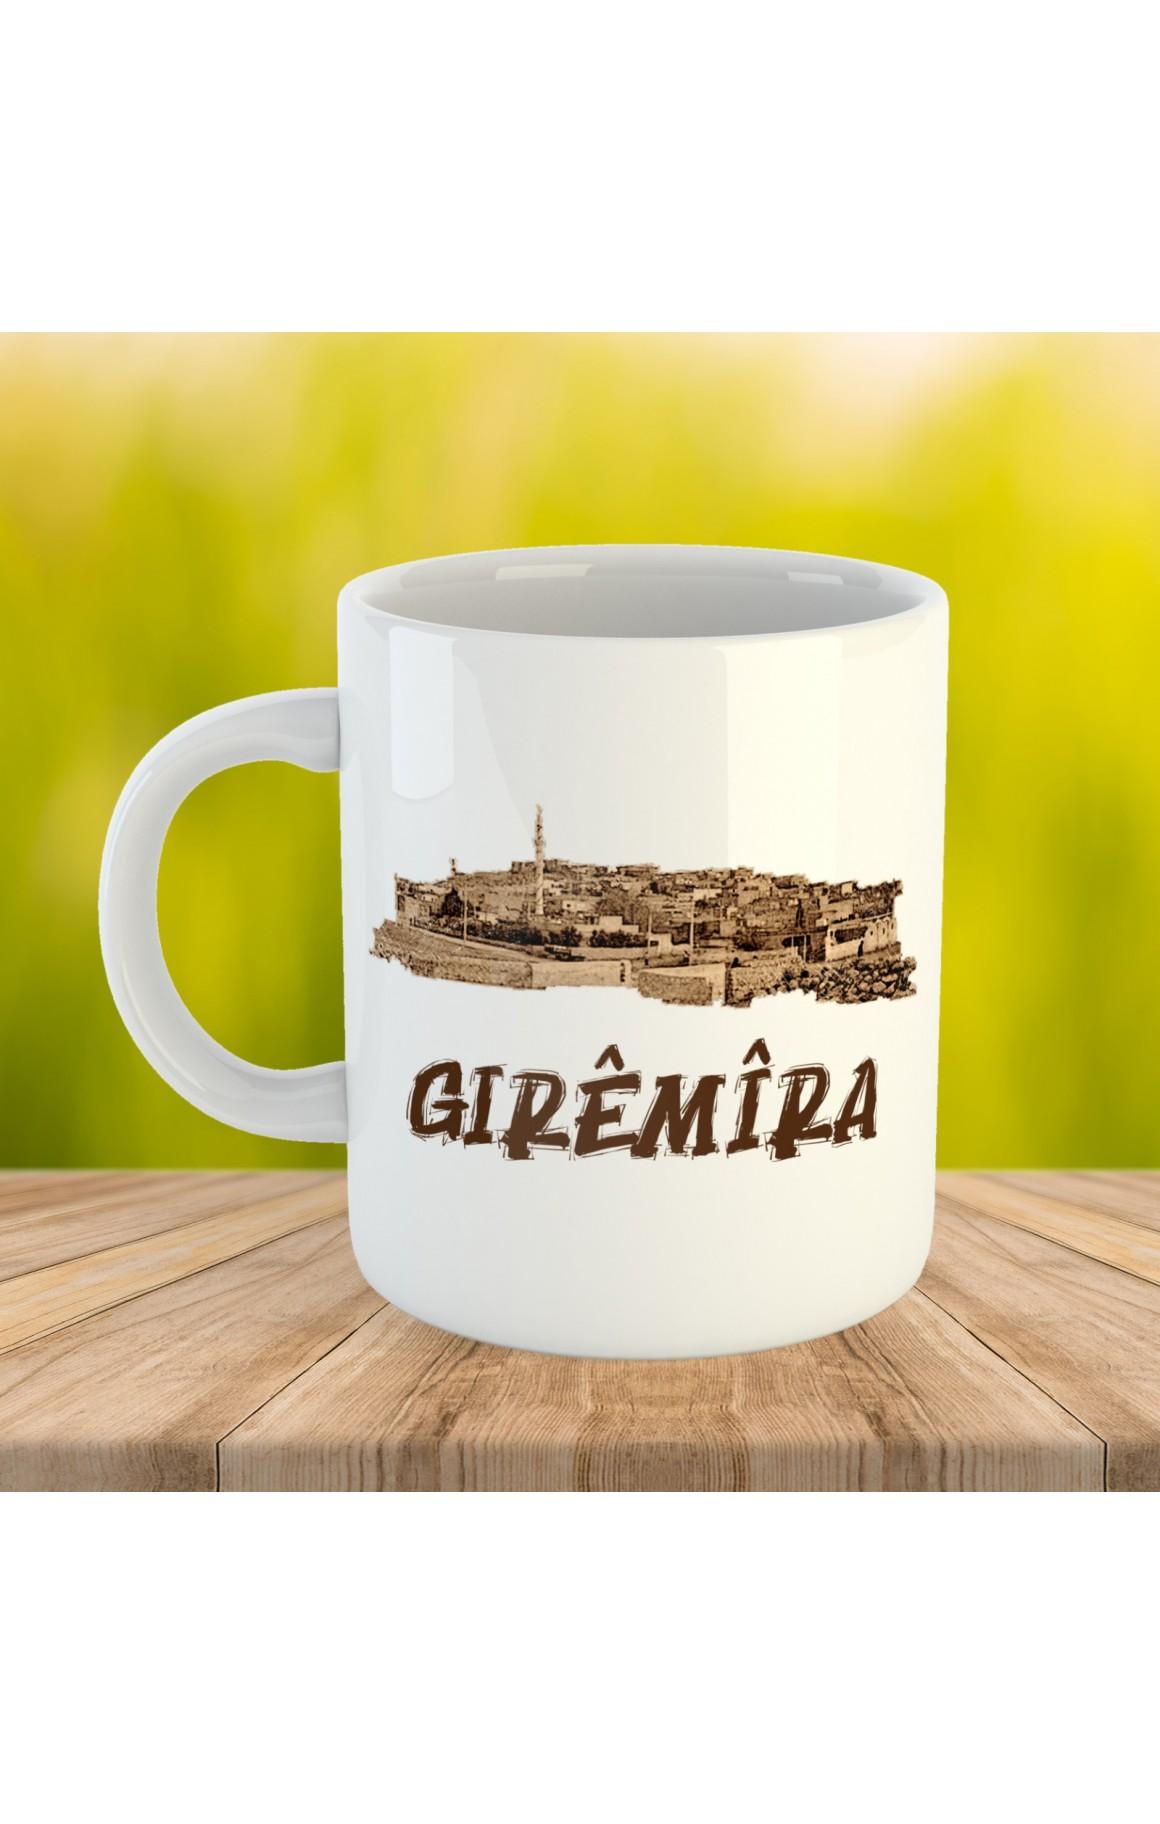 Girêmîra - Porselen Kupa